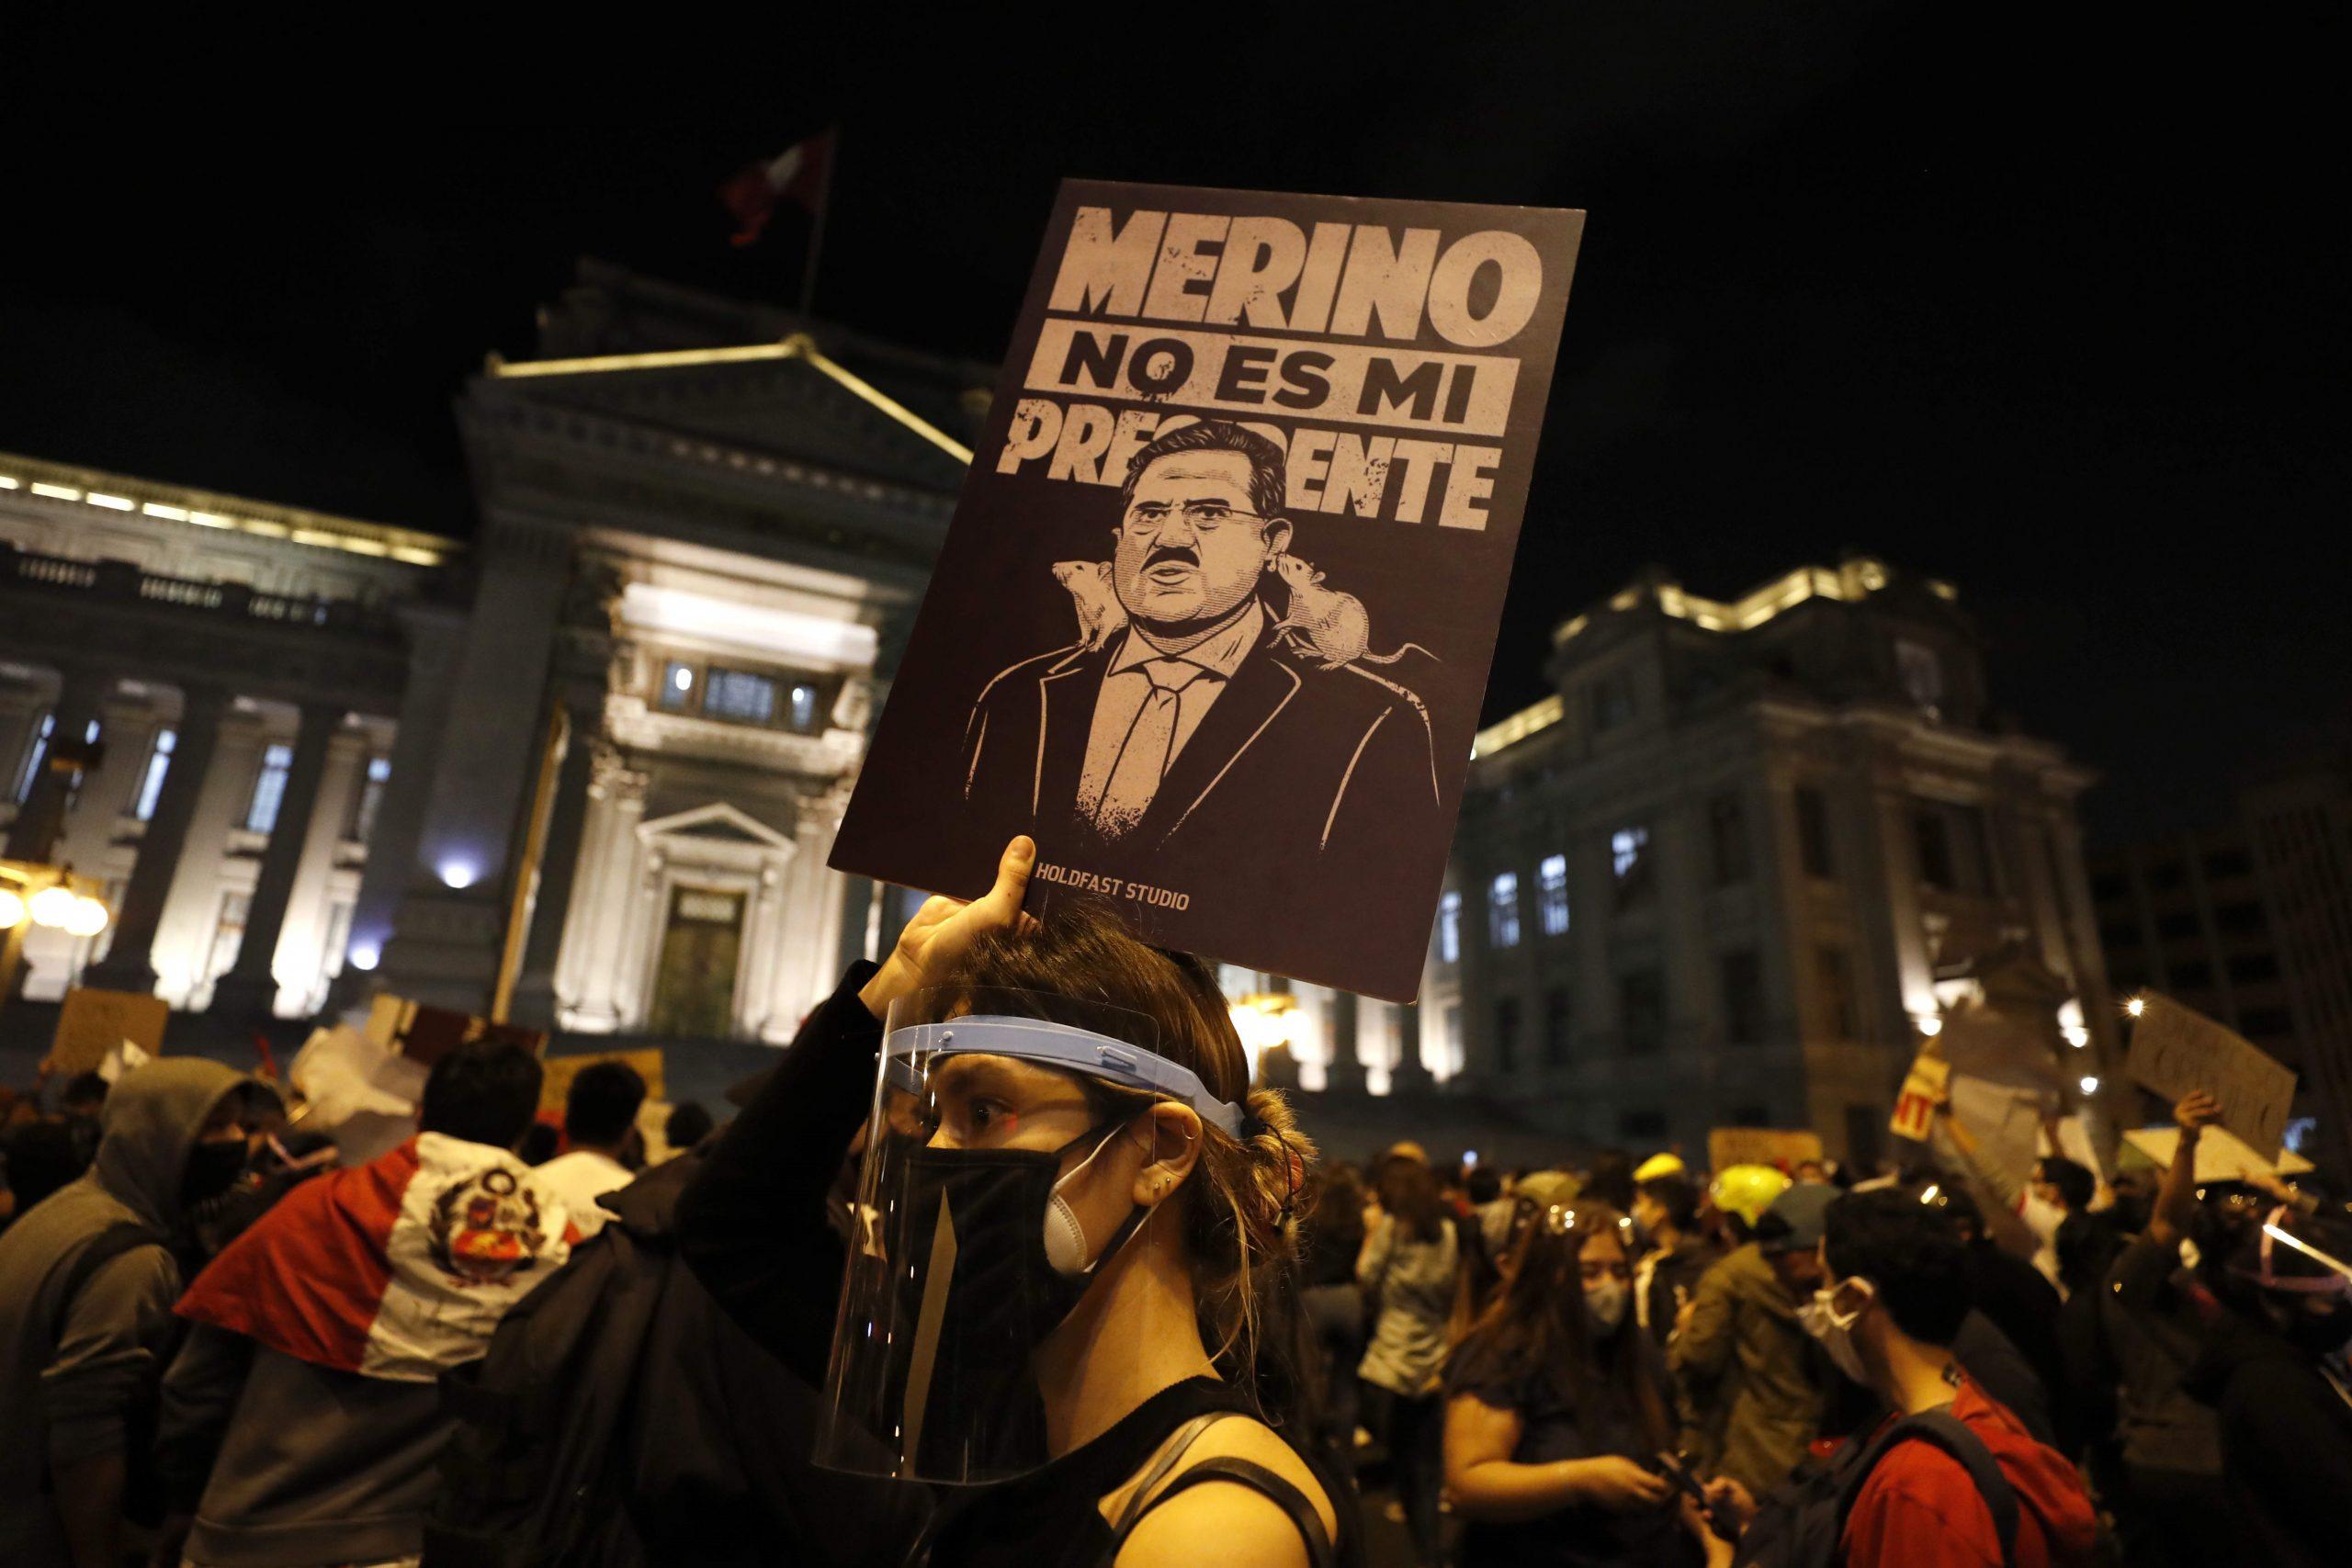 Manifestantes participan en una multitudinaria marcha en protesta contra el nuevo gobierno del presidente Manuel Merino, hoy, en la plaza San Martín de Lima. Foto de EFE/Paolo Aguilar.